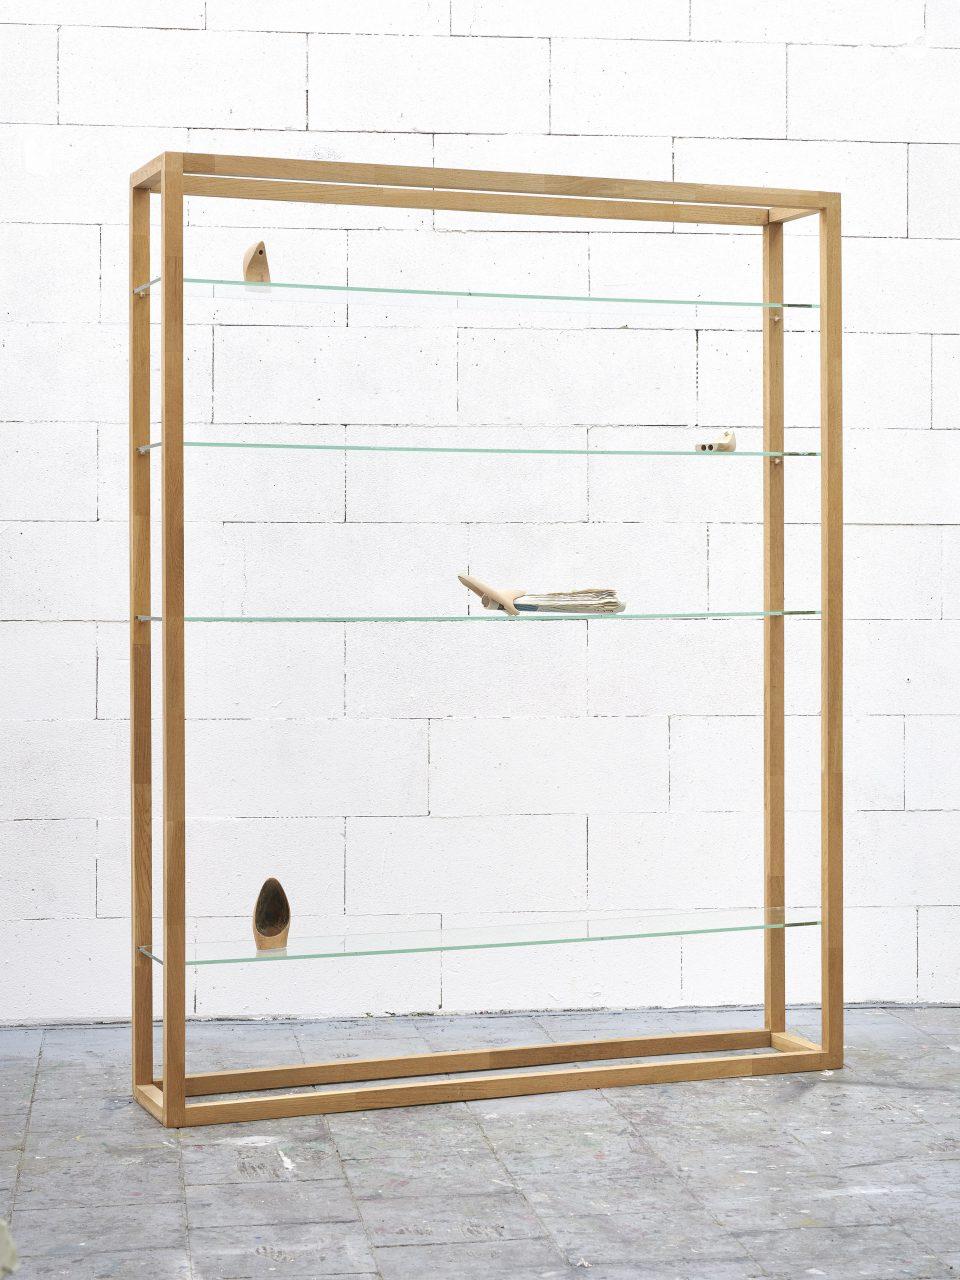 Kölner Regal, 2015, wood, glass, newspaper, unfired clay, 200 x 160 x 30 cm